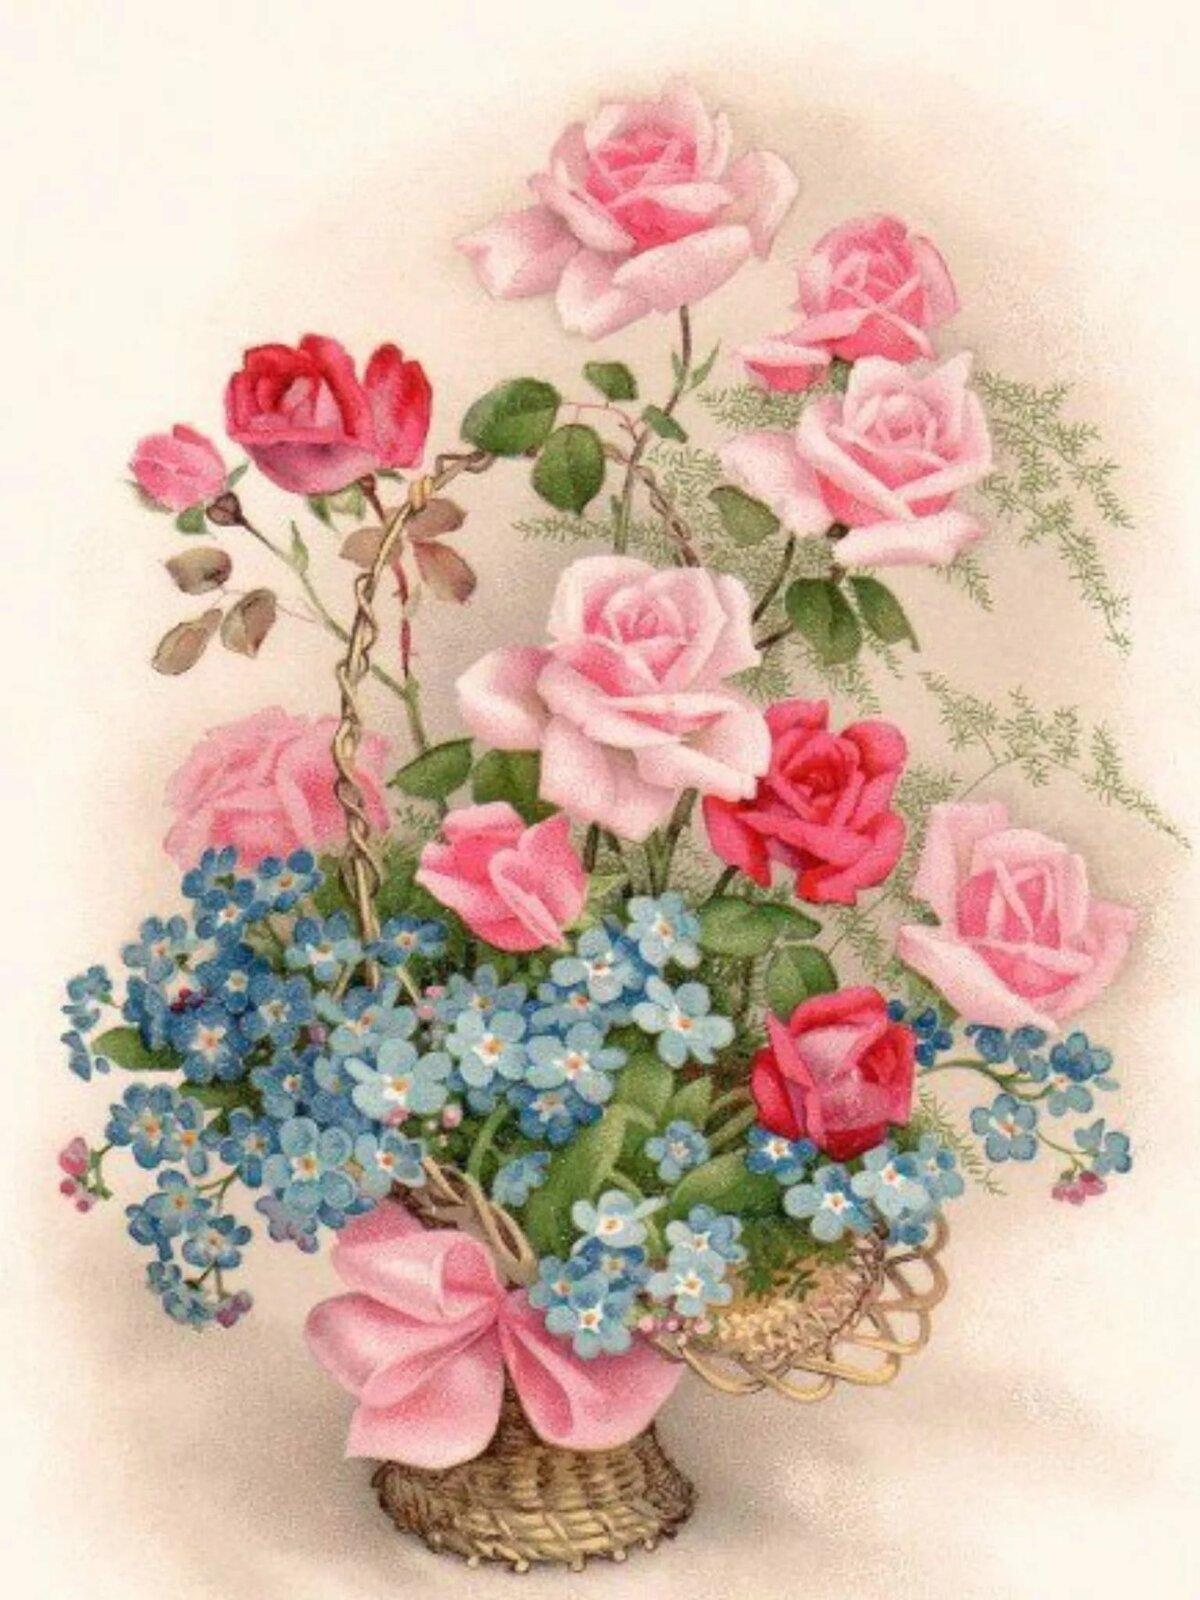 днем красивые картинки с цветами старинные виды, формы